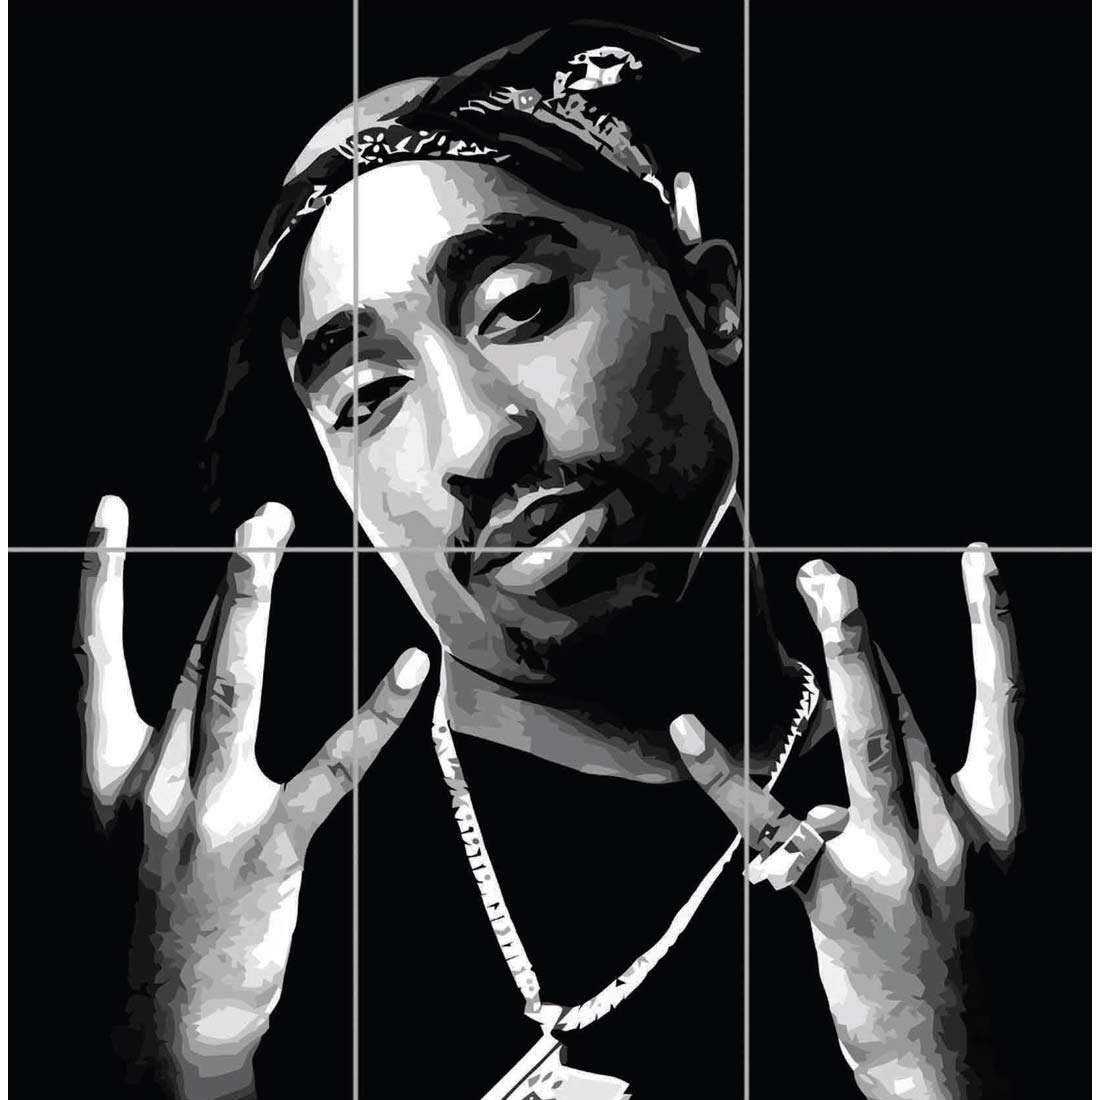 Amazon com 2pac tupac shakur hip hop rapper poet actor activist legend music giant art print poster en819 posters prints